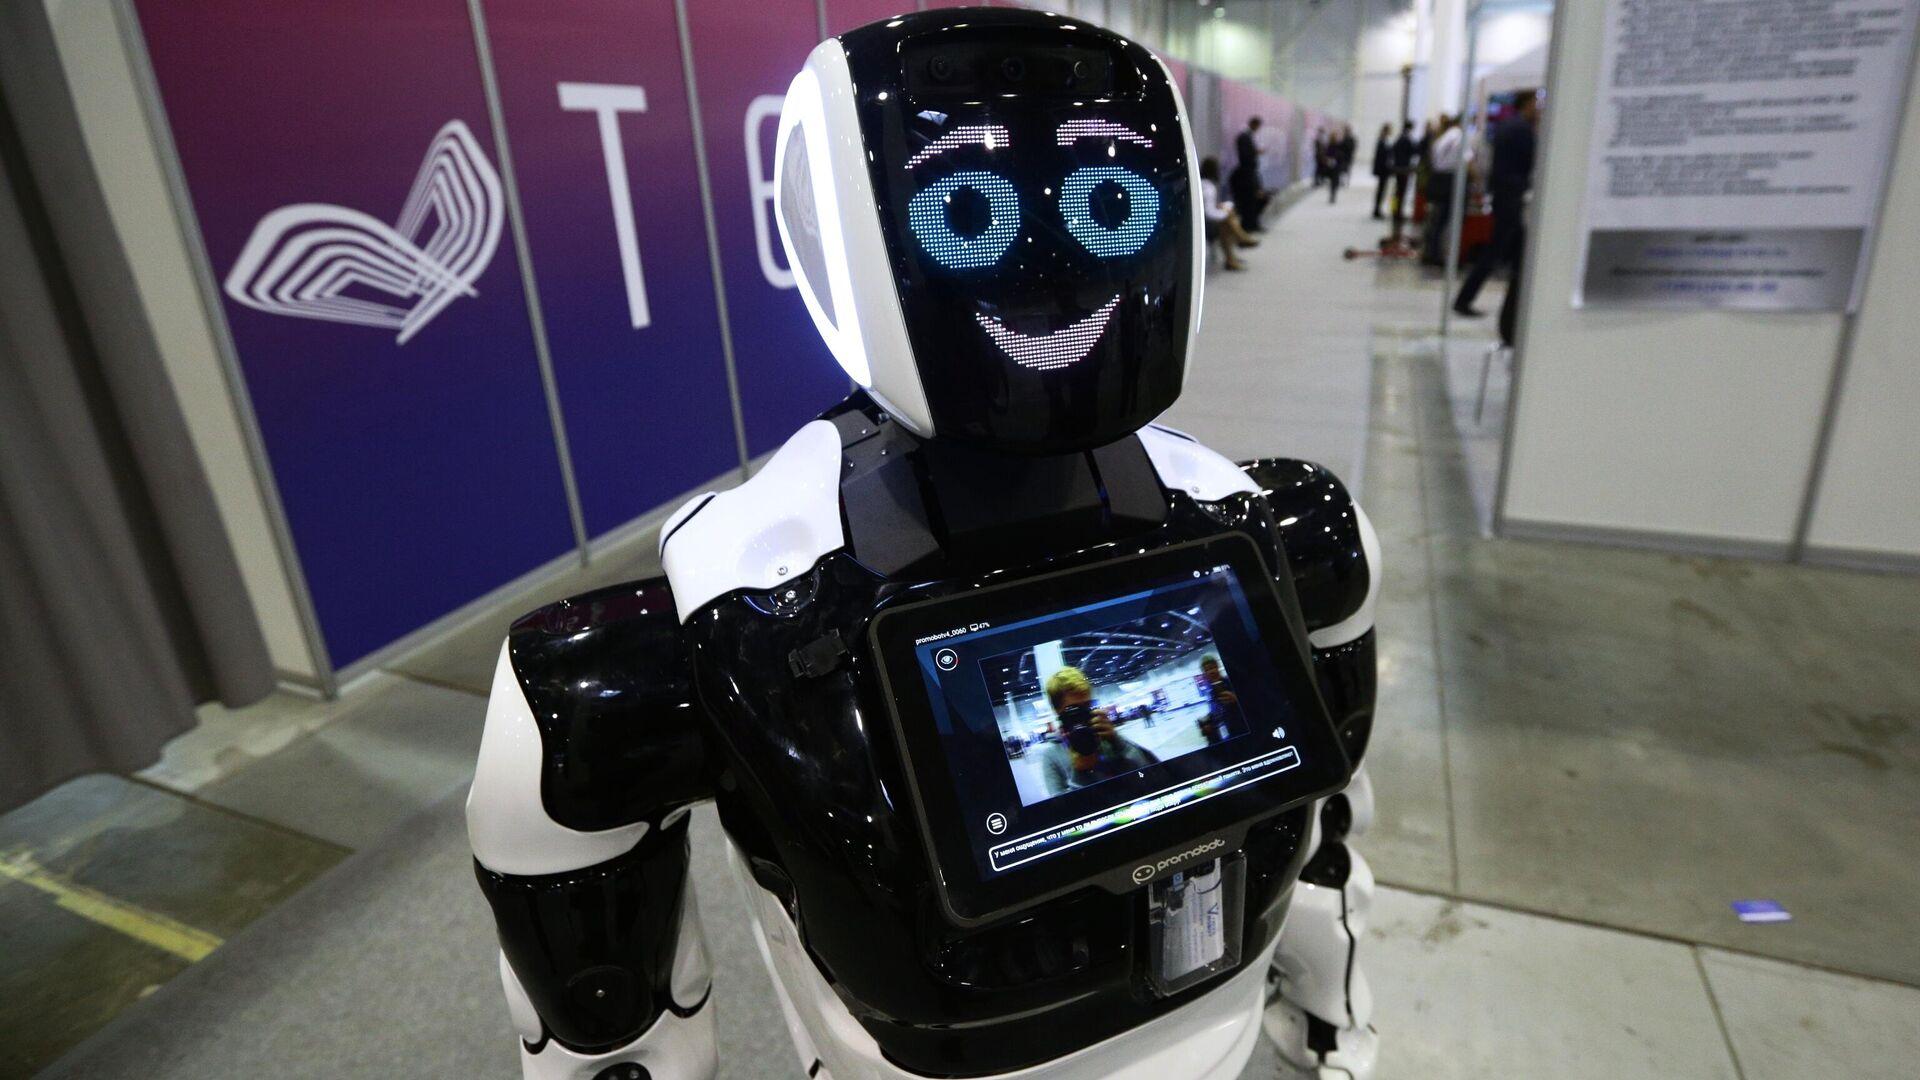 Робот Promobot V.4 на выставке технологического развития в рамках международного форума Технопром-2019 в Новосибирске - РИА Новости, 1920, 26.01.2021